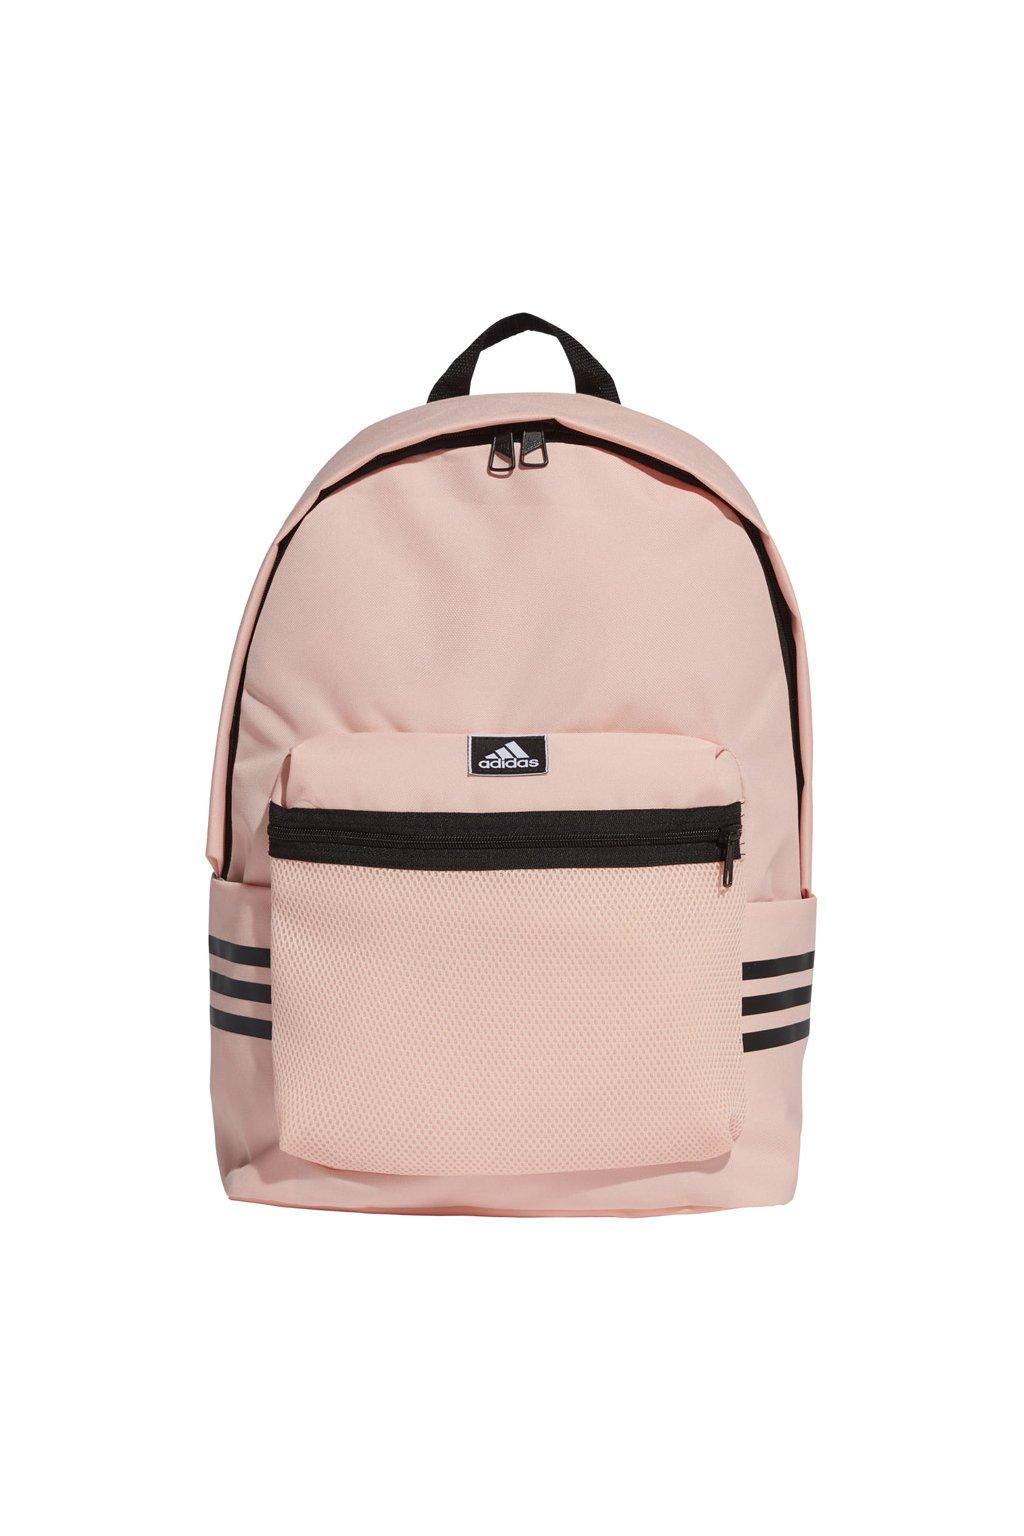 Batoh adidas Classic Backpack 3S korálový GD5615